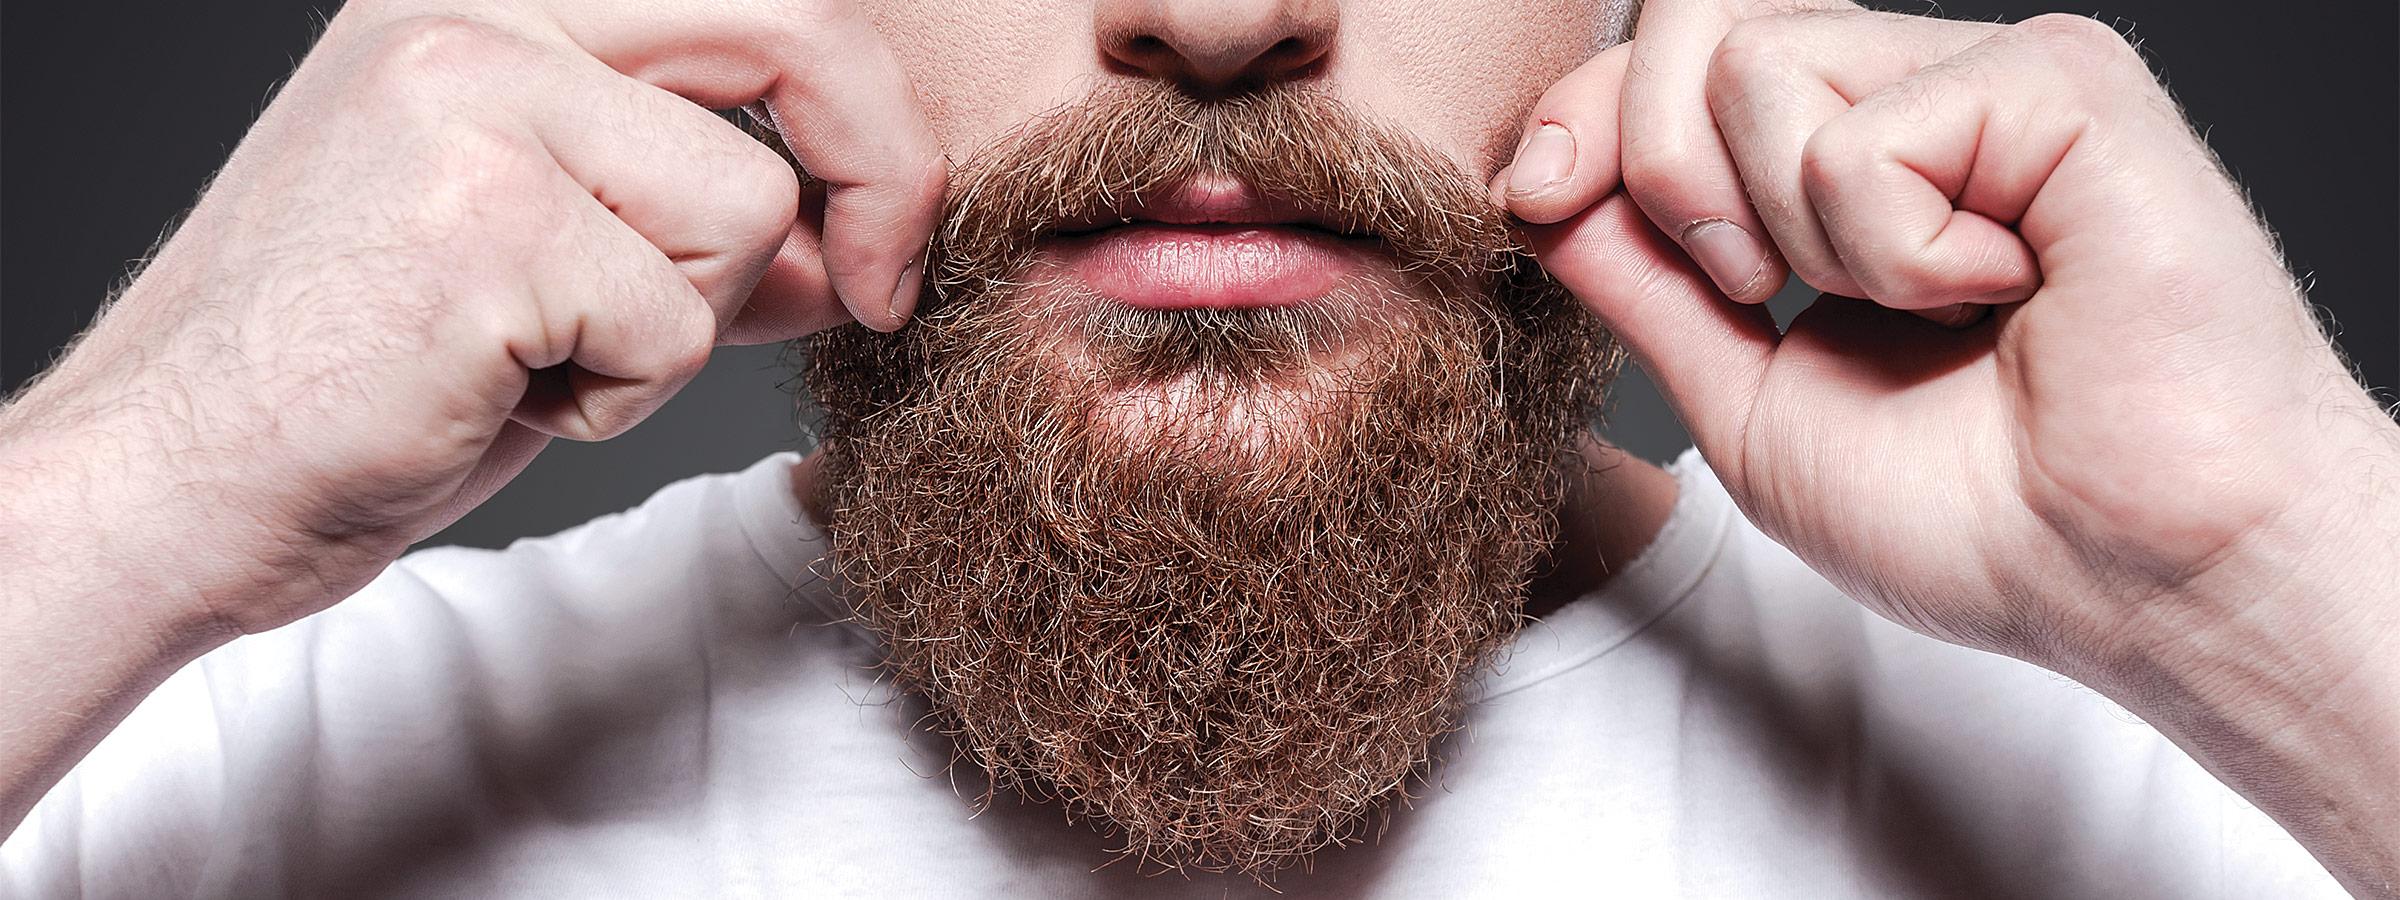 Diy Beard Oil Now Foods